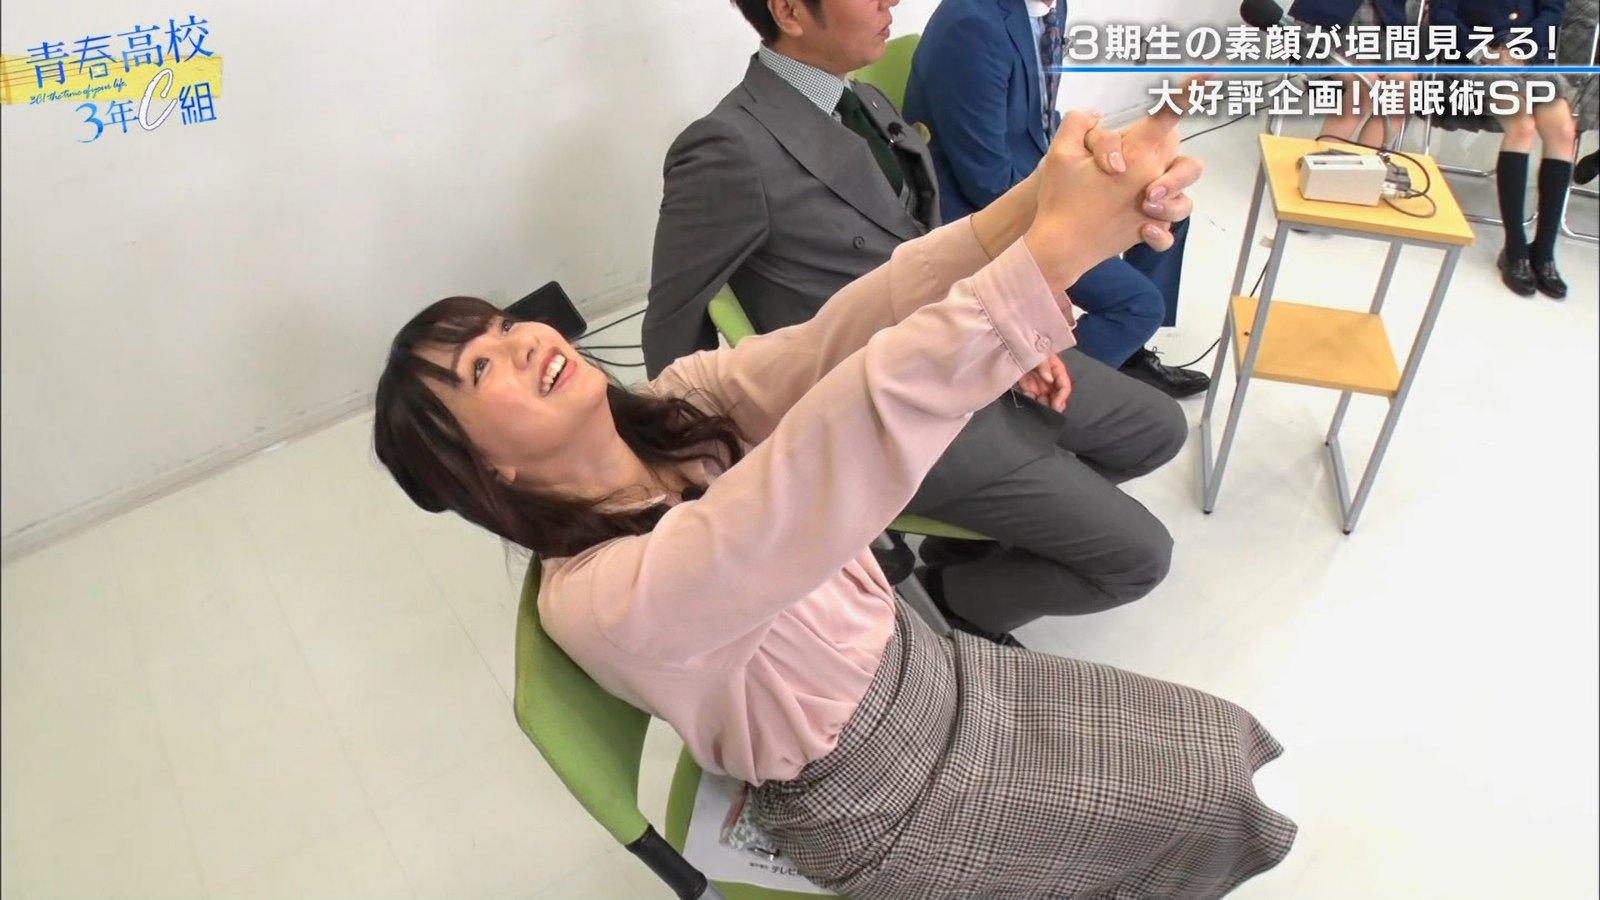 森香澄_女子アナ_乳揺れ_おっぱい_キャプエロ画像_28